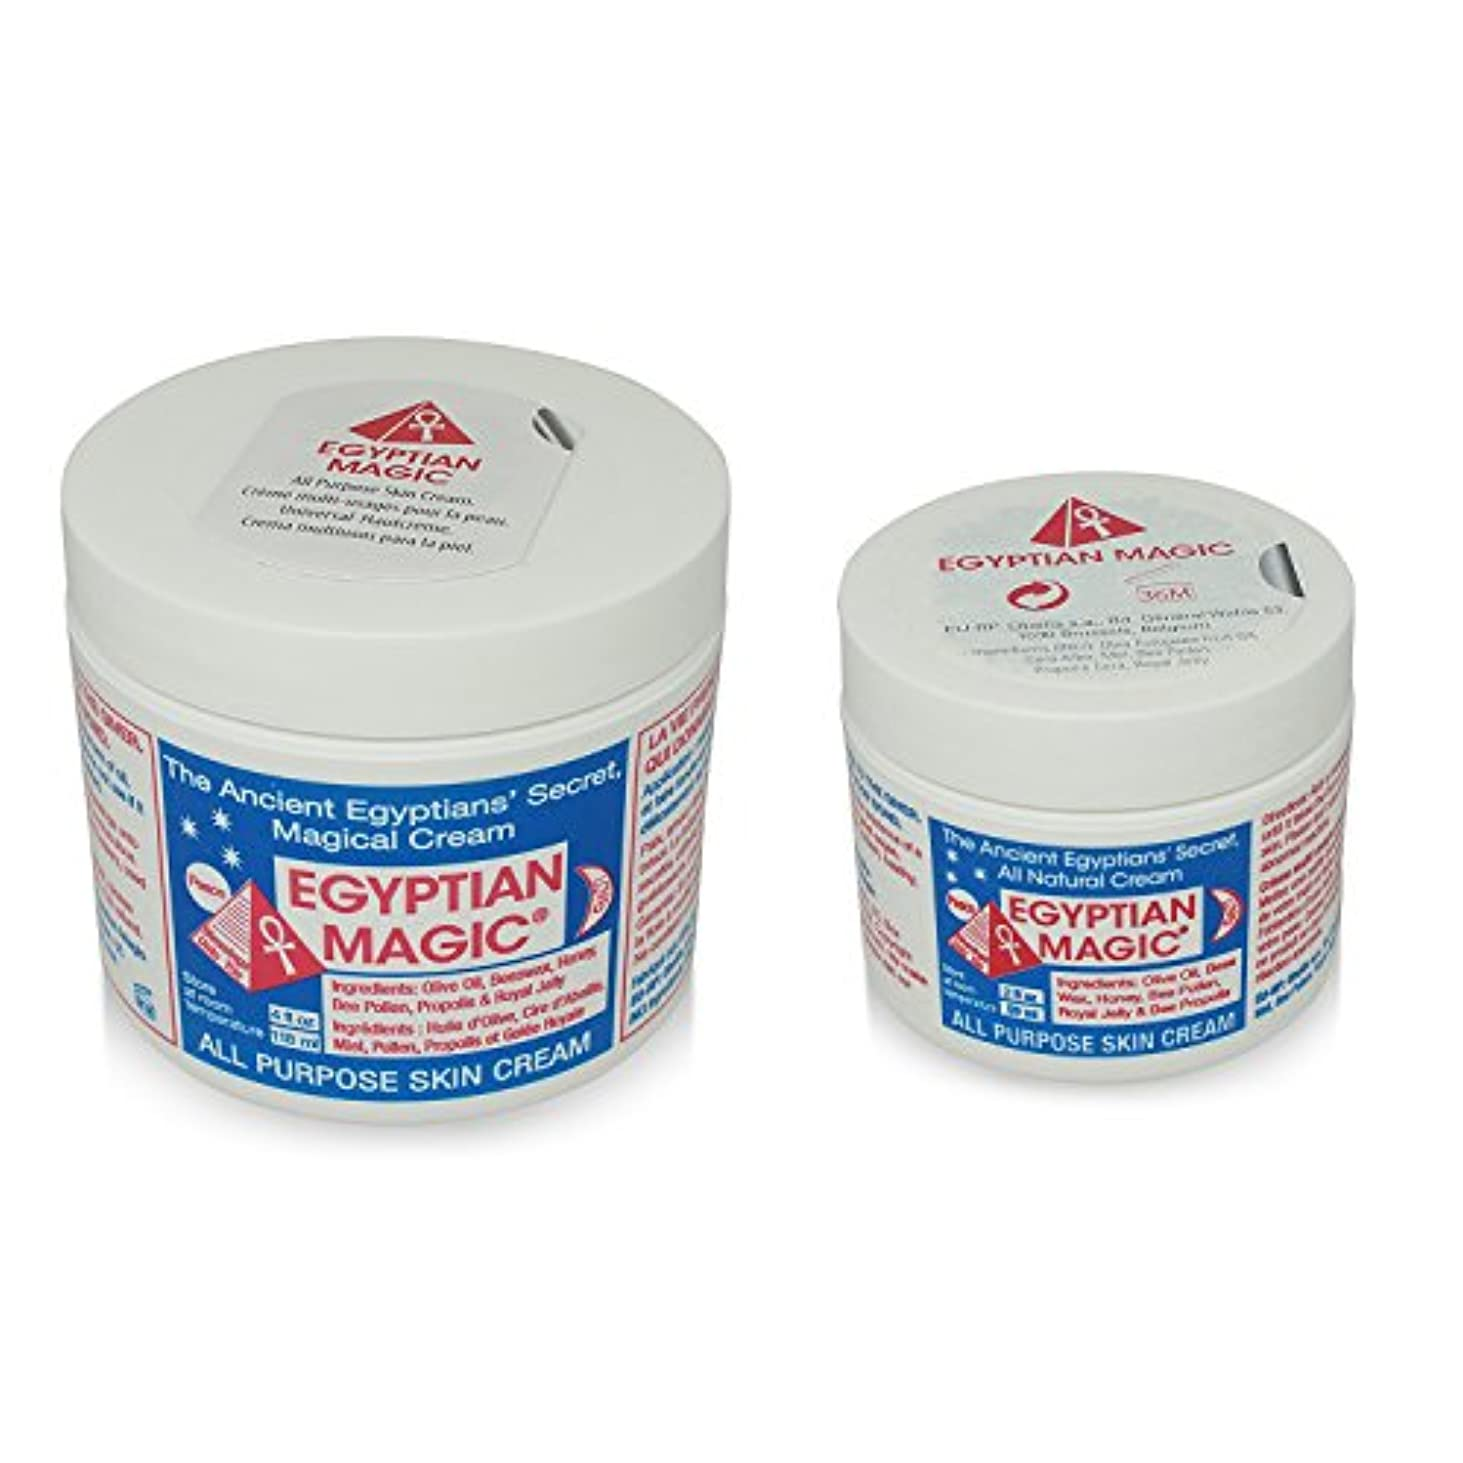 ストッキング前述のシートEgyptian Magic Skin Cream エジプシャンマジッククリーム  (118ml)と(59ml)の2個セット